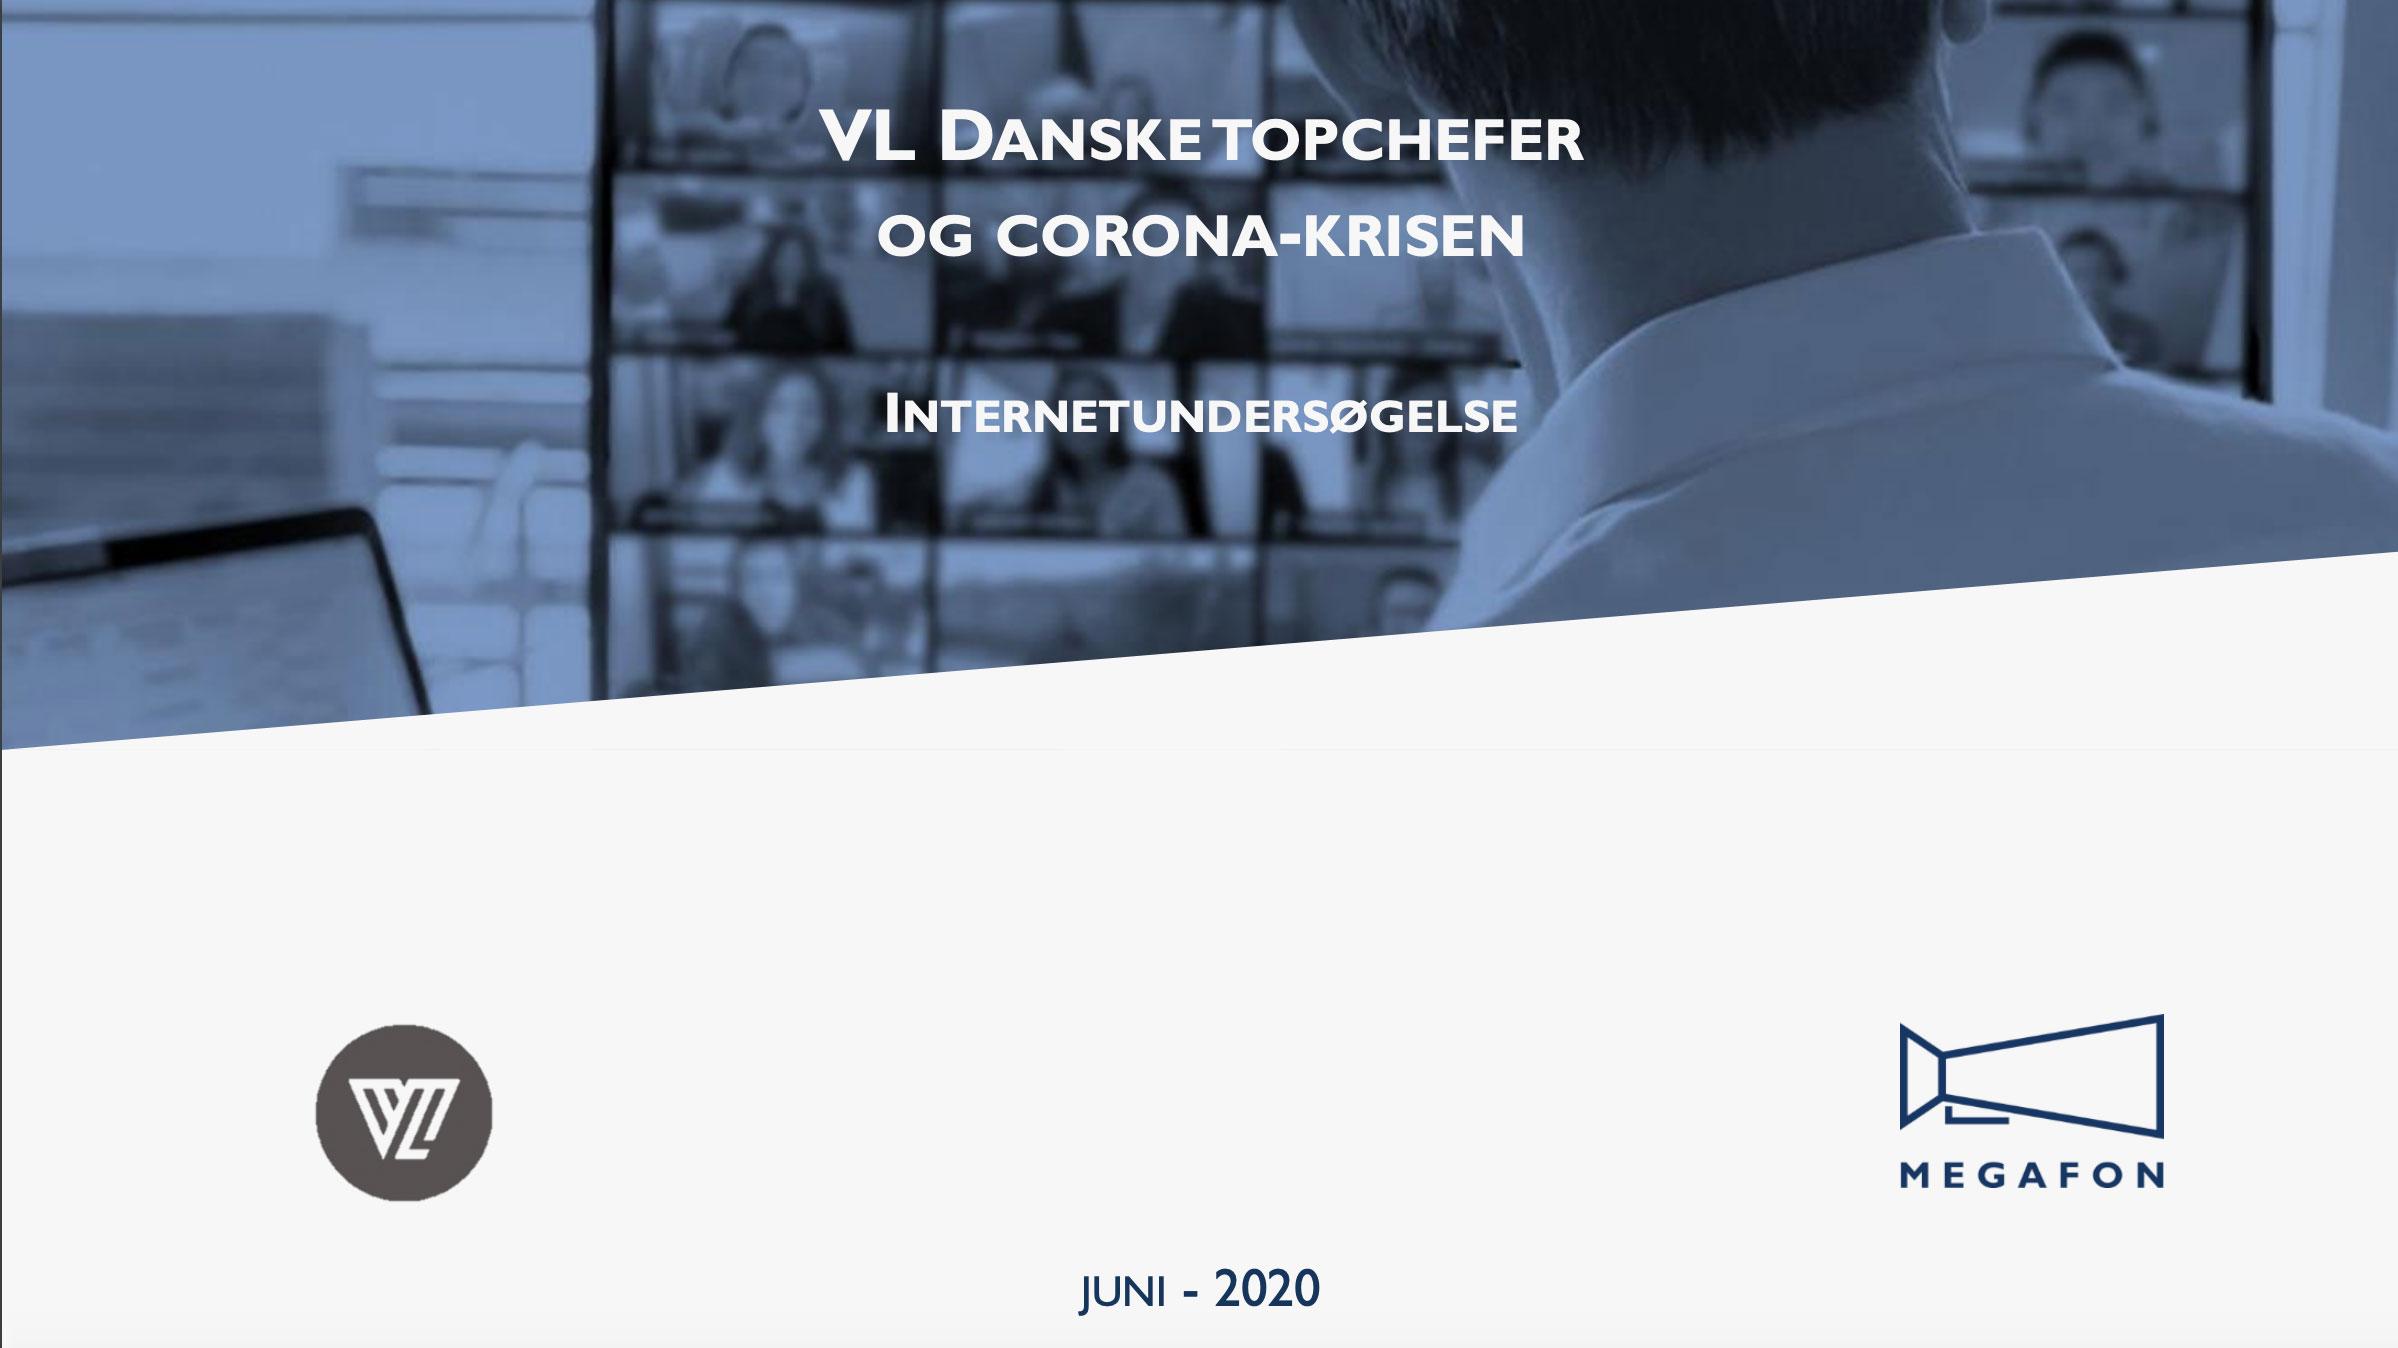 Danske topchefer planlægger afskedigelser og forbereder sig på et langt sejt krisetræk